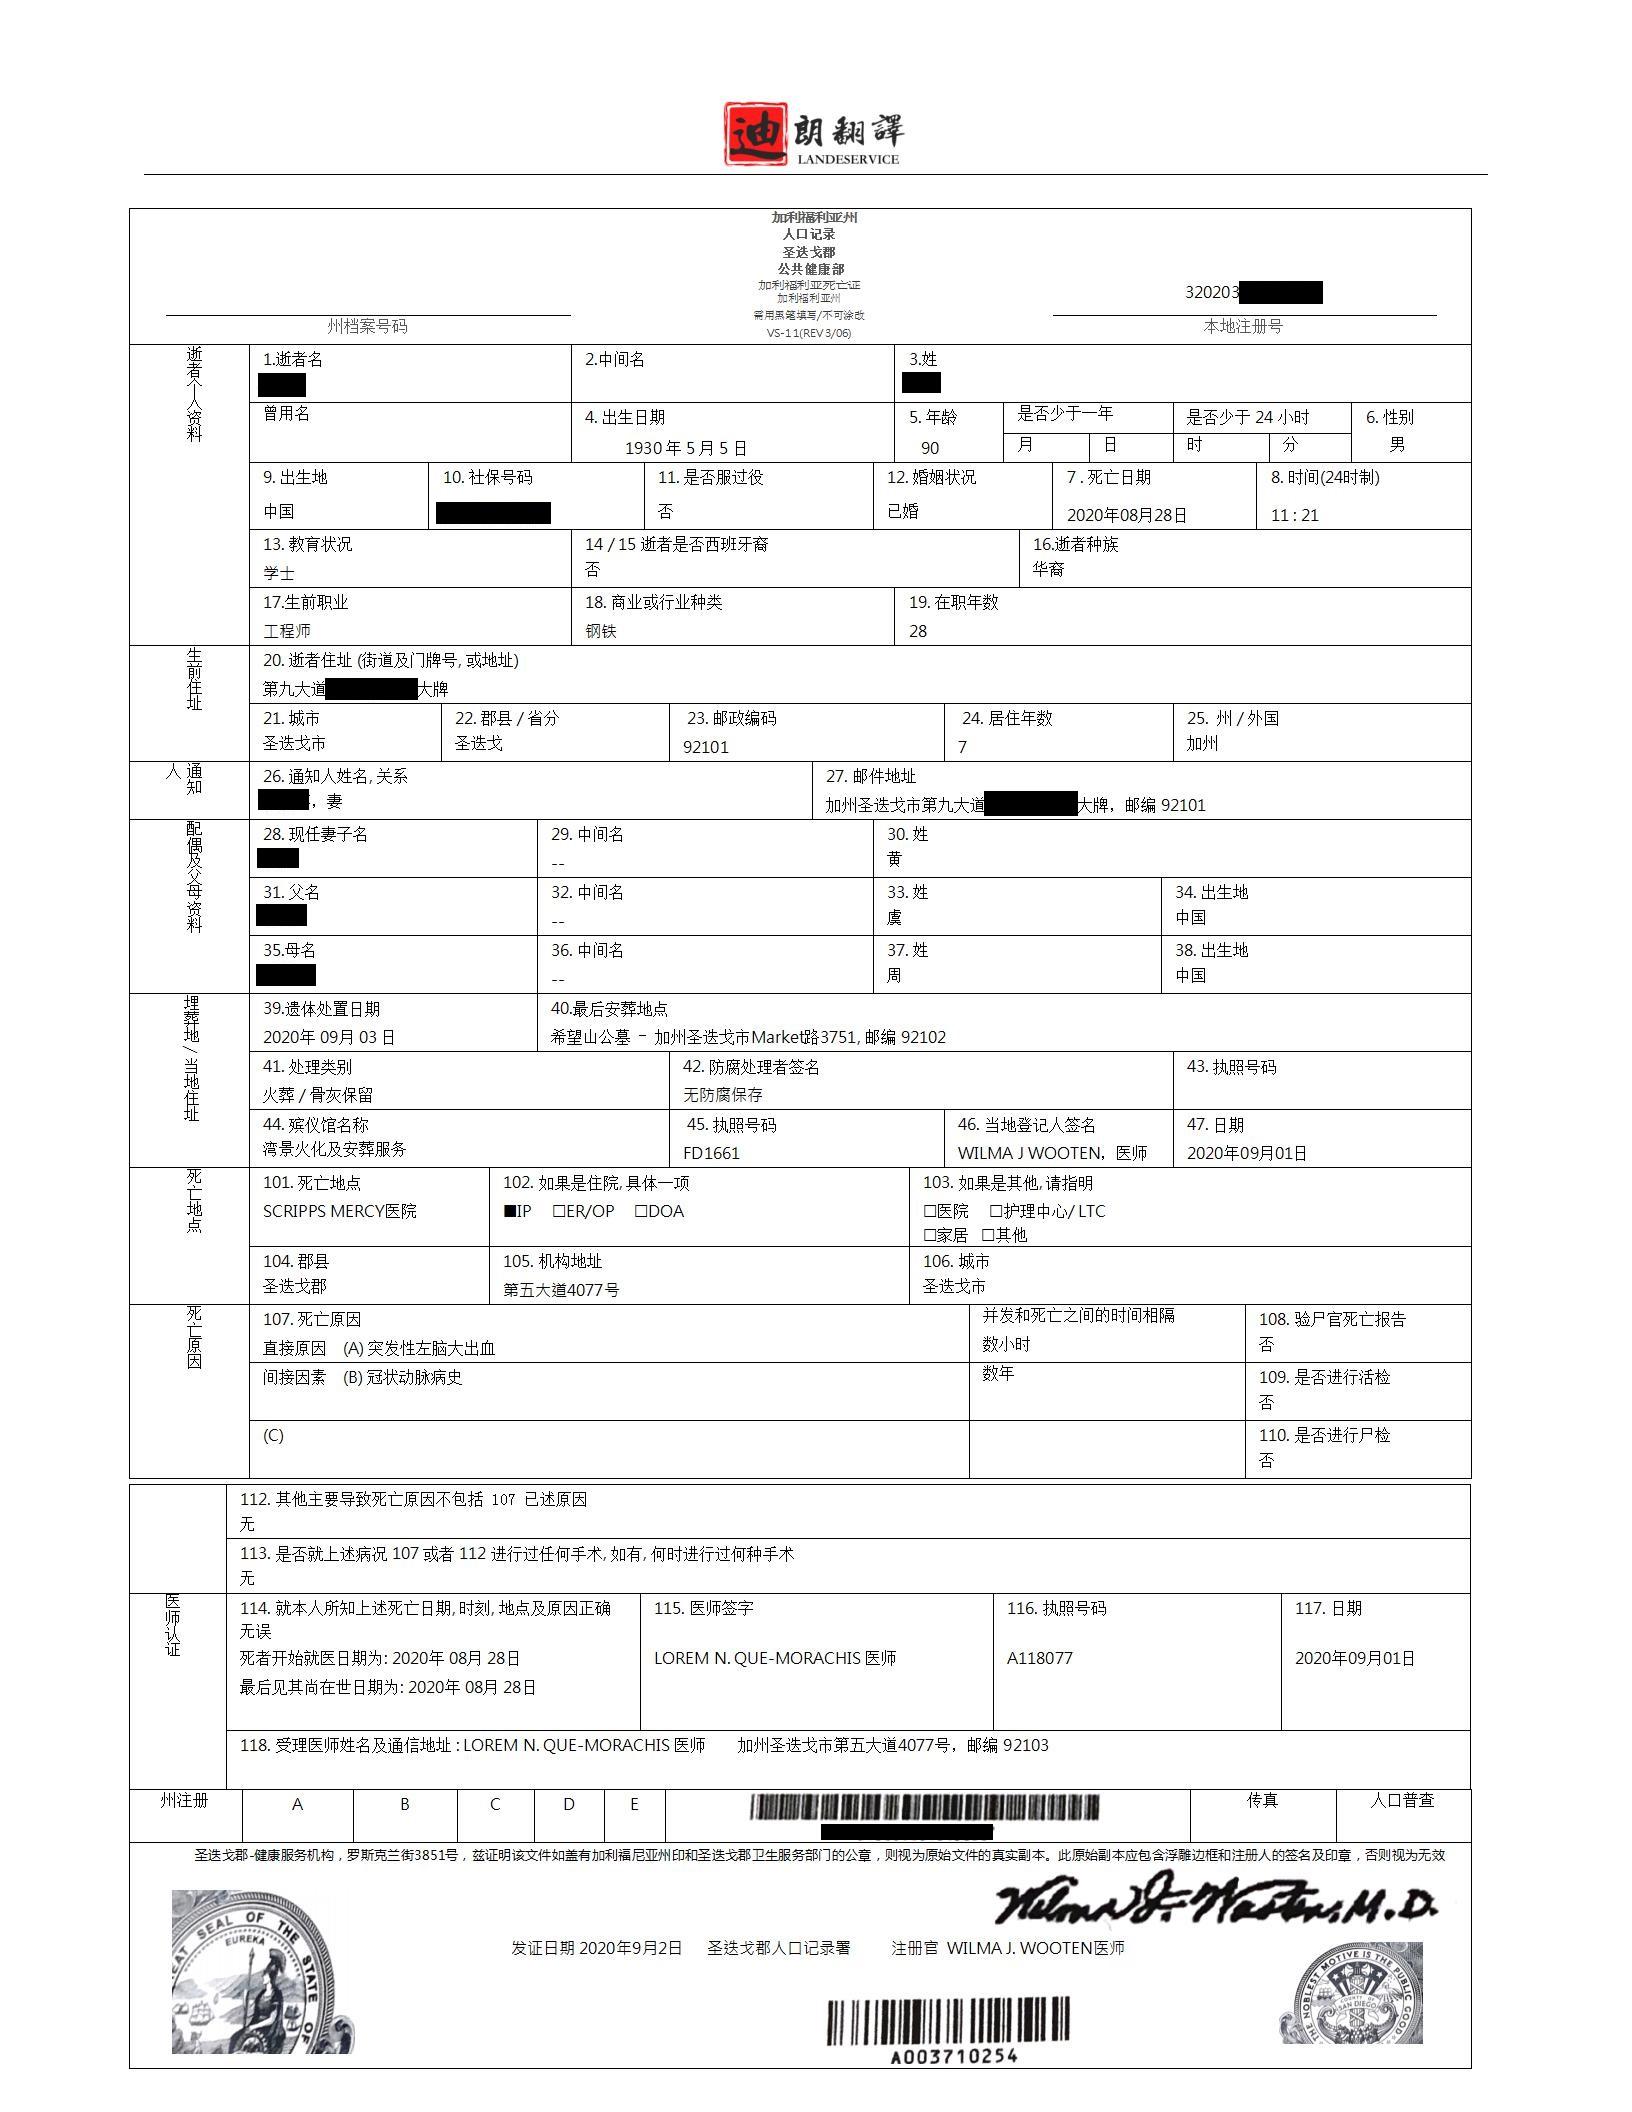 美国死亡证明圣迭戈 01 - 美国圣迭戈死亡证翻译认证盖章